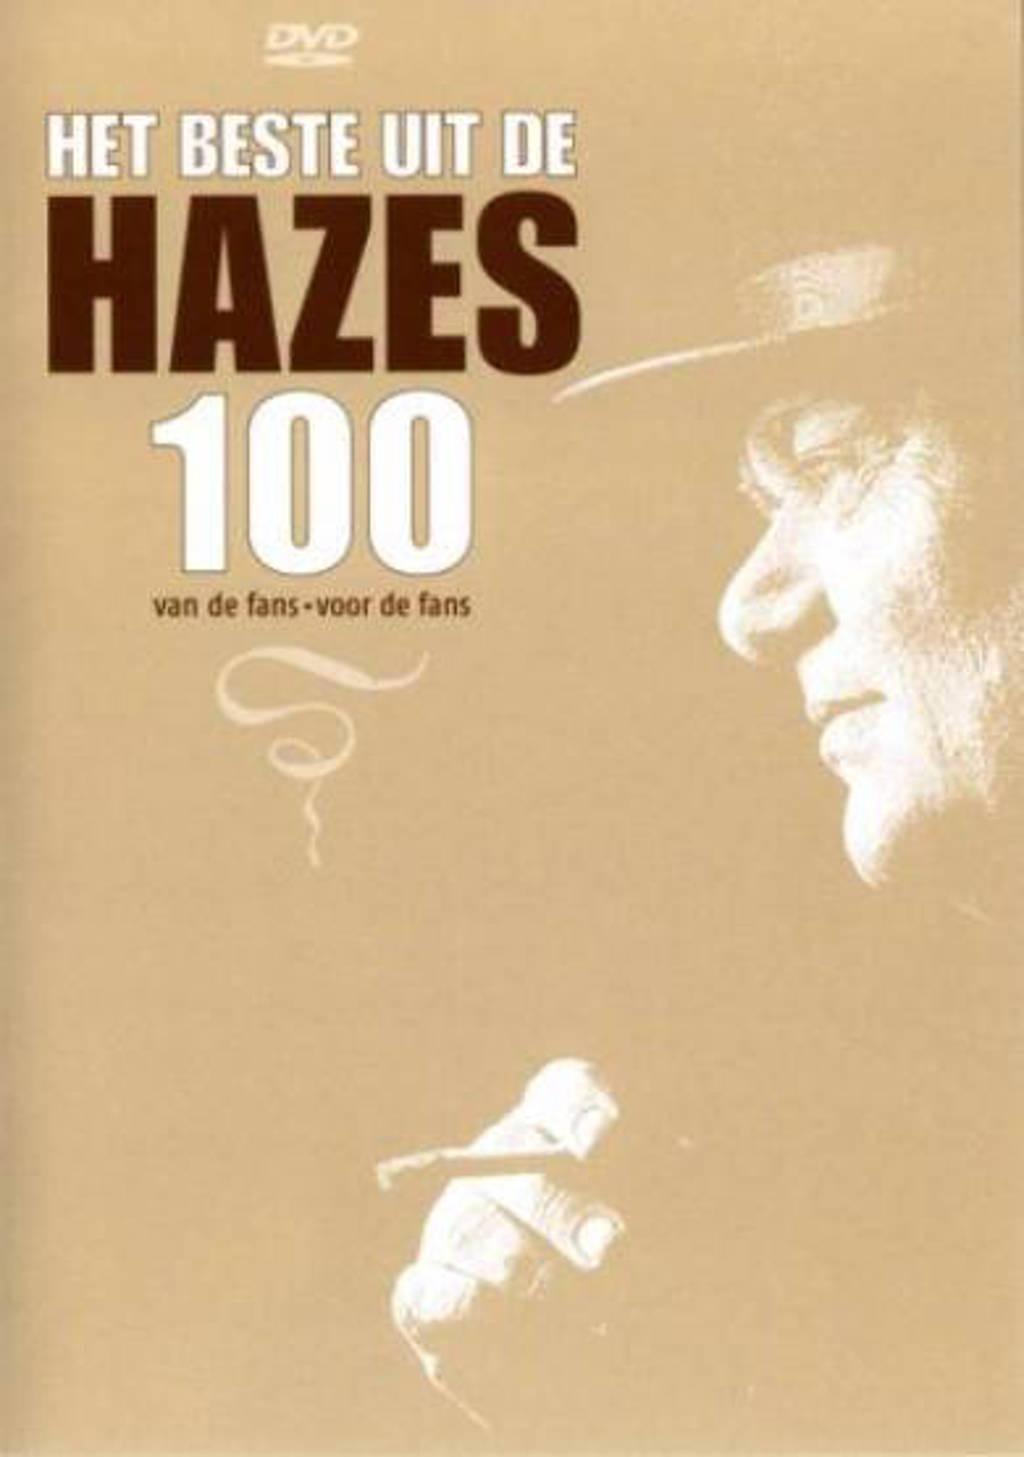 Andre Hazes - Het beste uit de Hazes 100 (DVD)